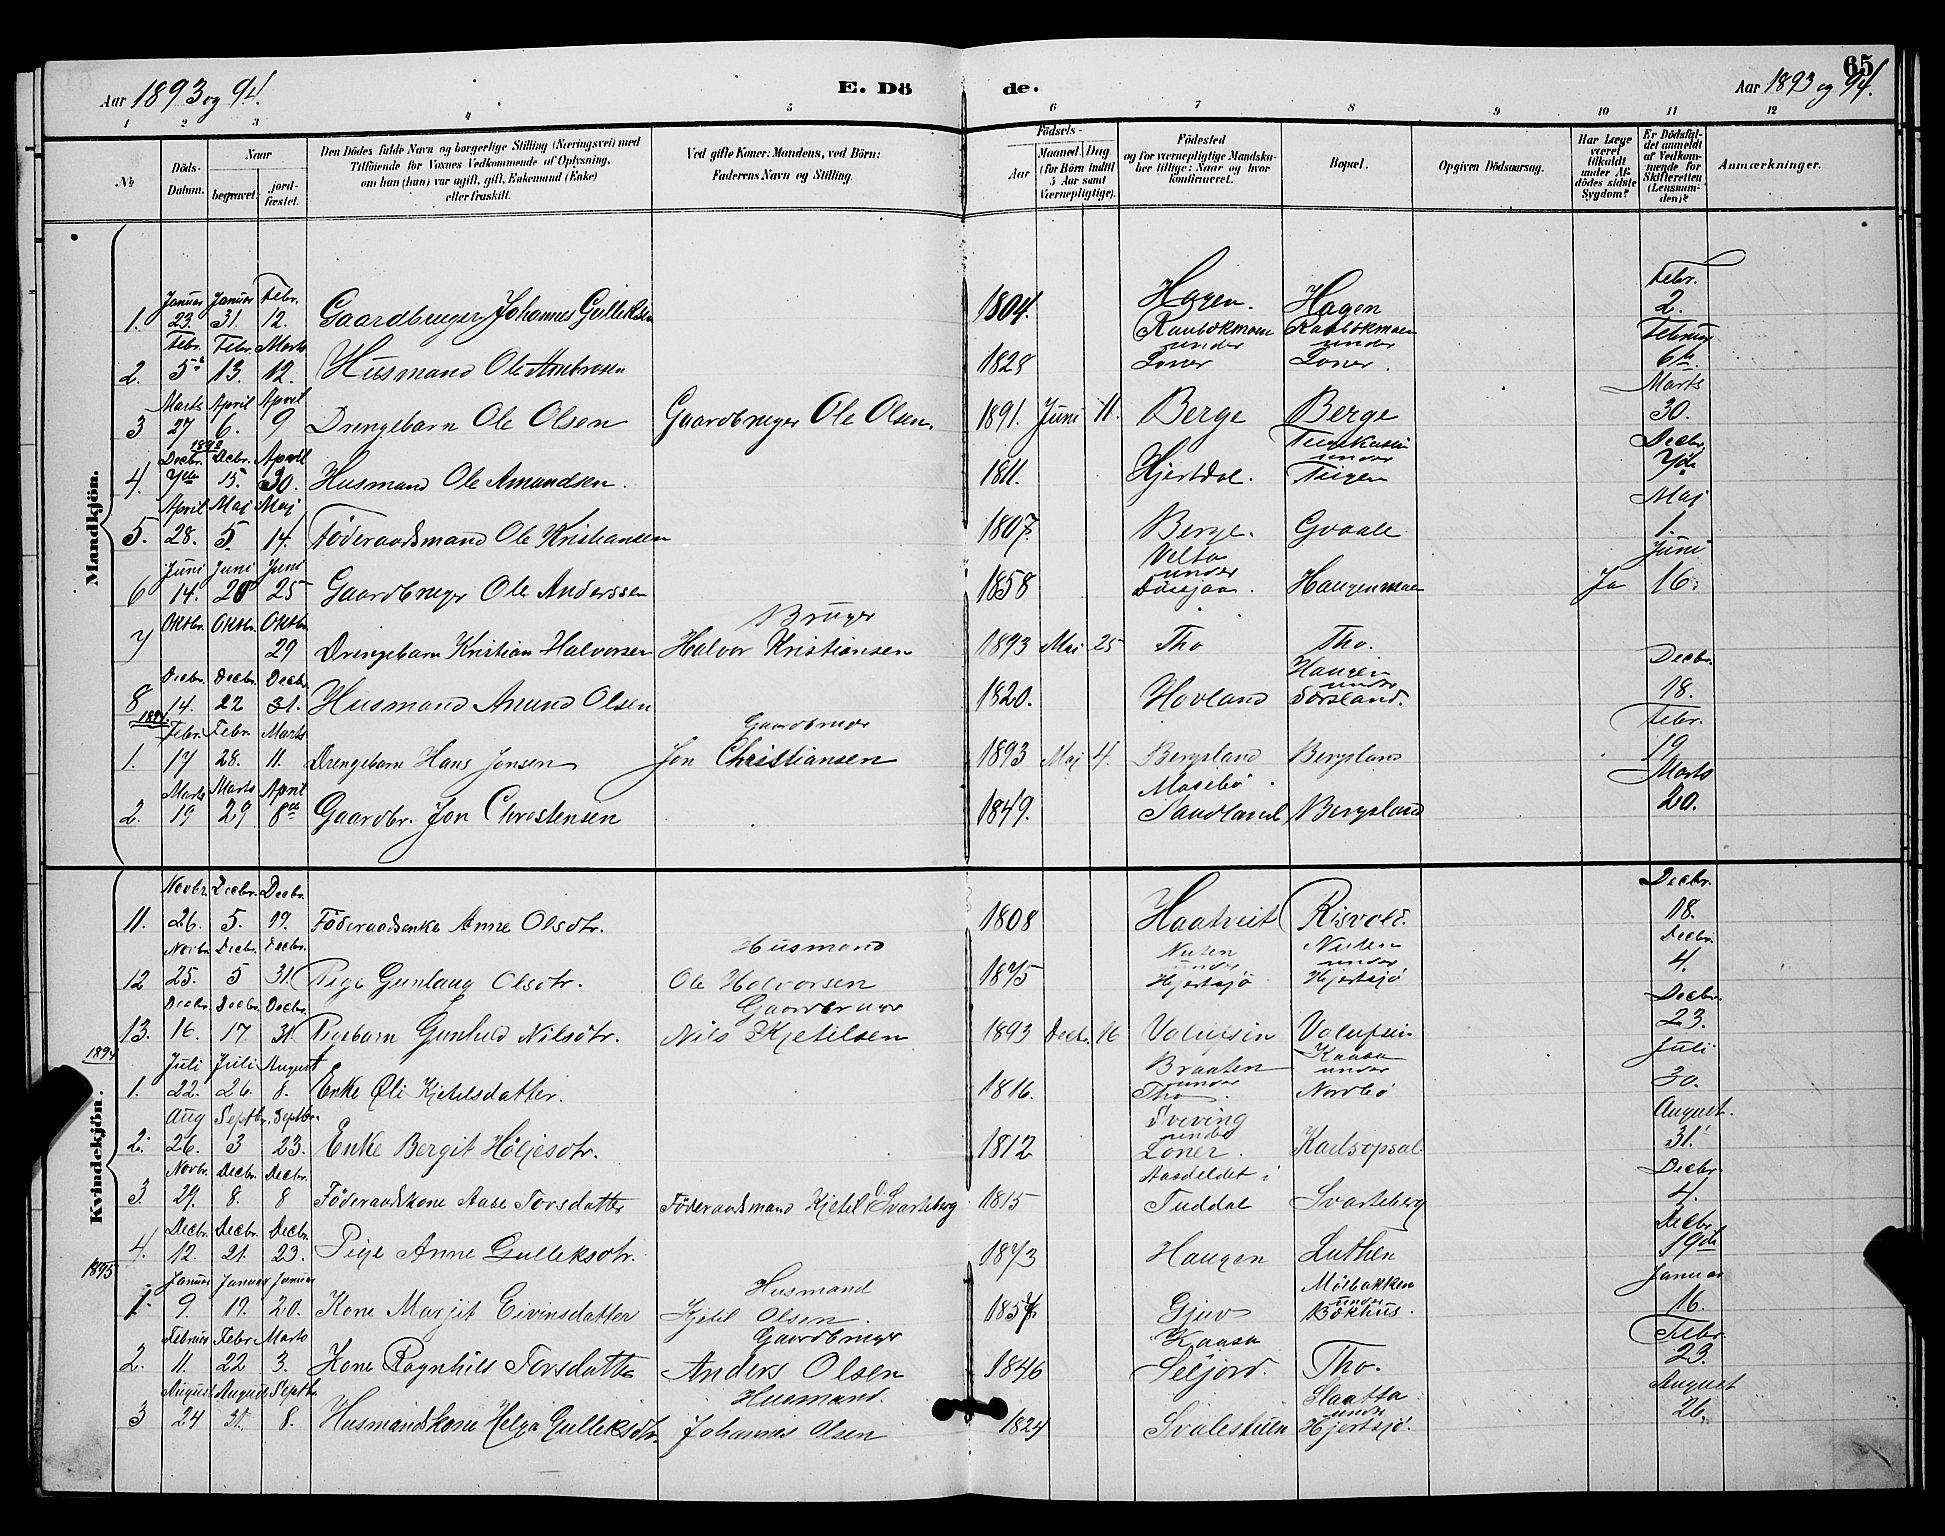 SAKO, Hjartdal kirkebøker, G/Ga/L0003: Klokkerbok nr. I 3, 1889-1896, s. 65